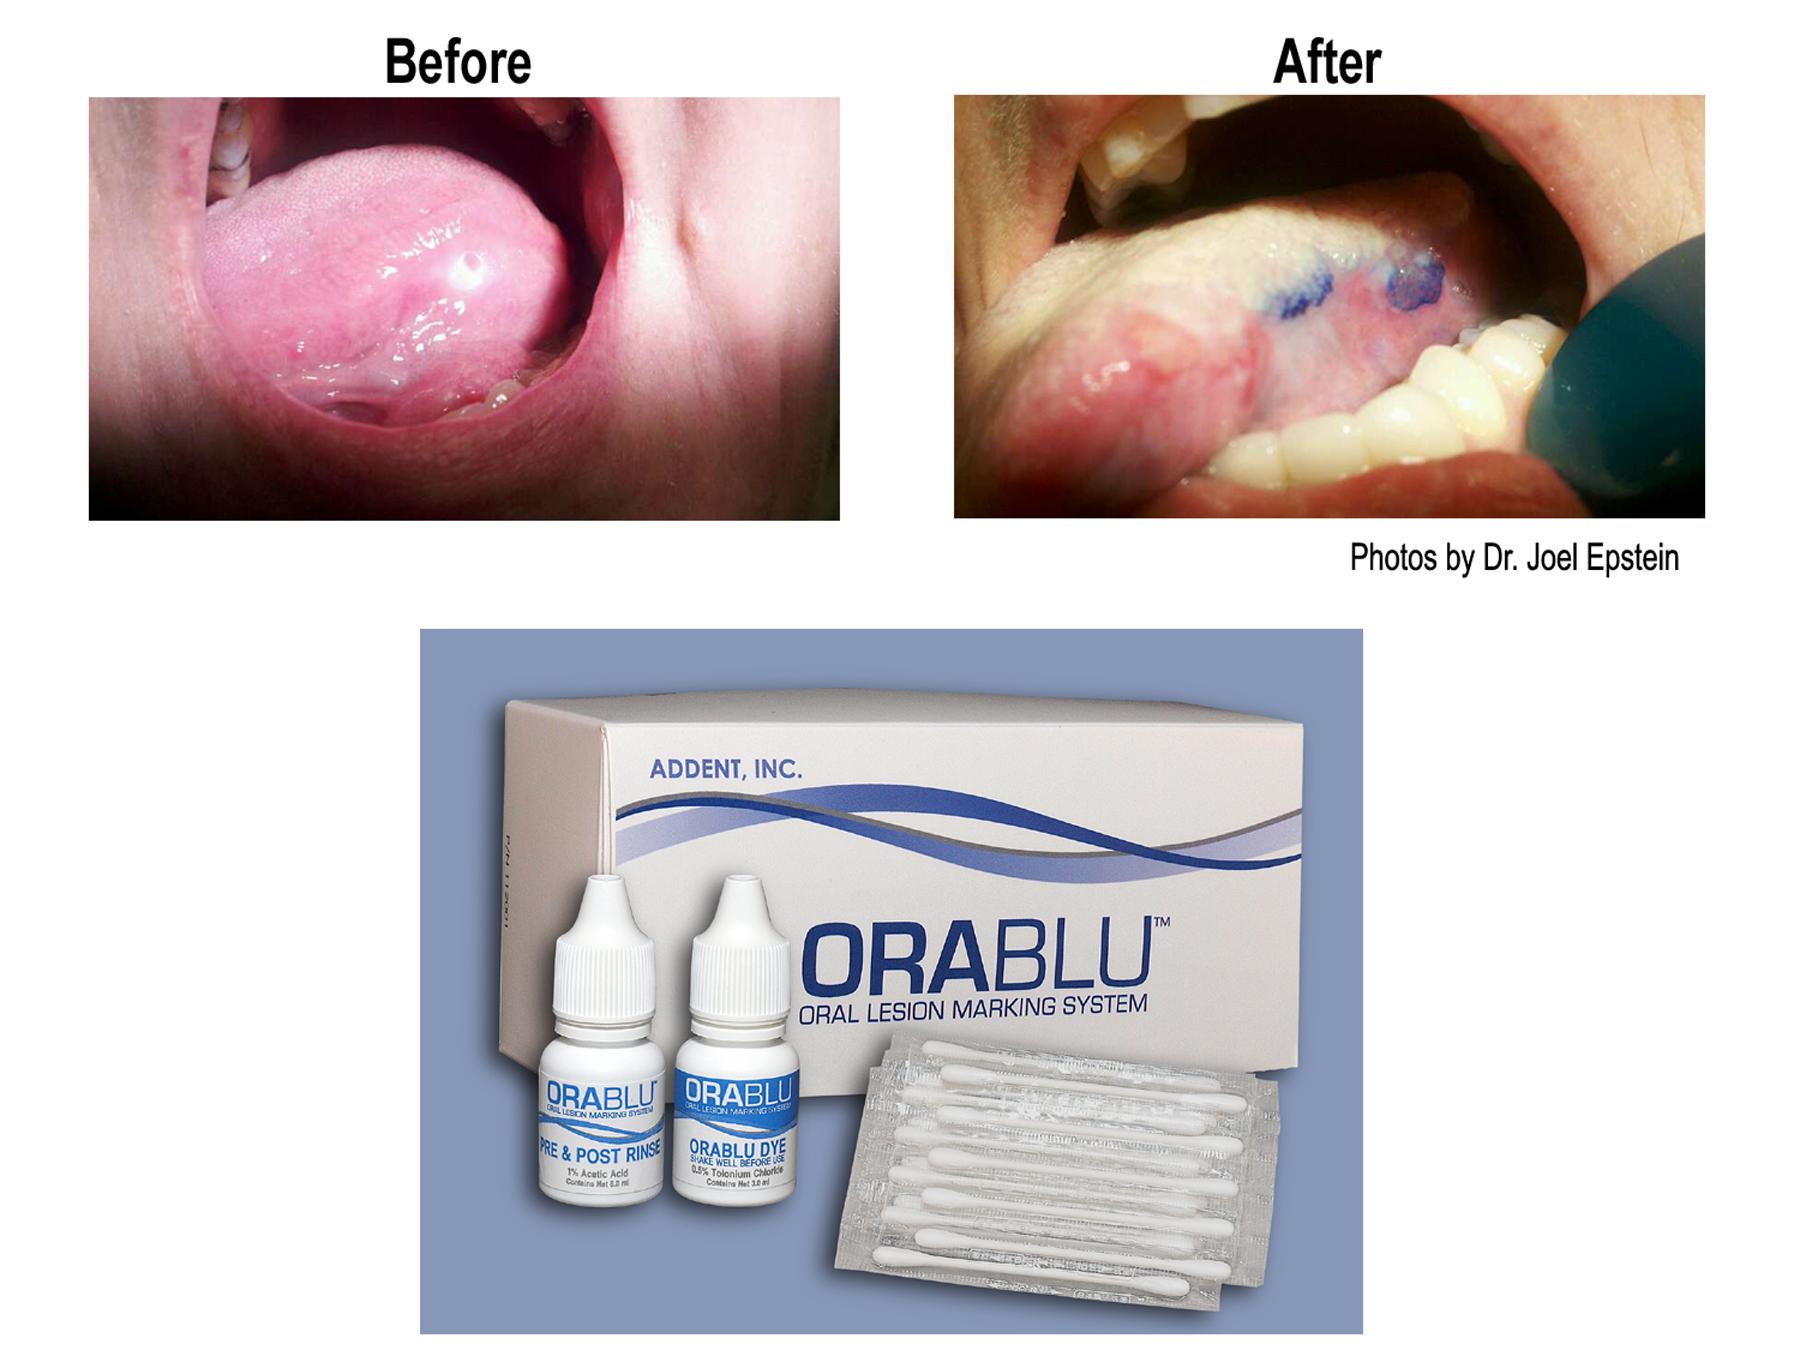 OraBlu Oral Lesion Marking System